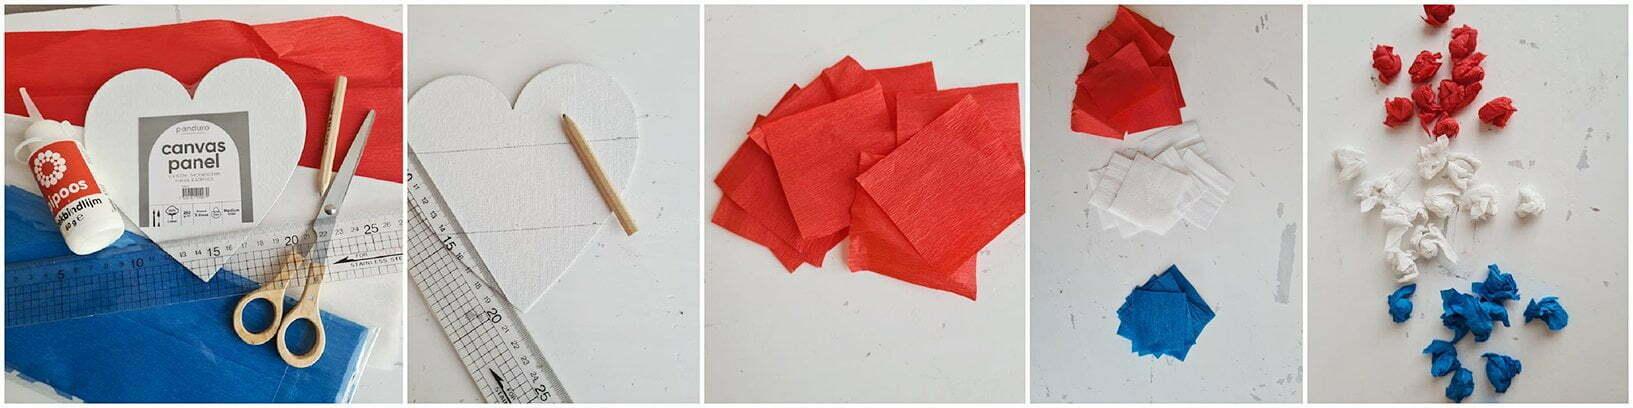 Teken de vakjes met behulp van een potlood en liniaal.